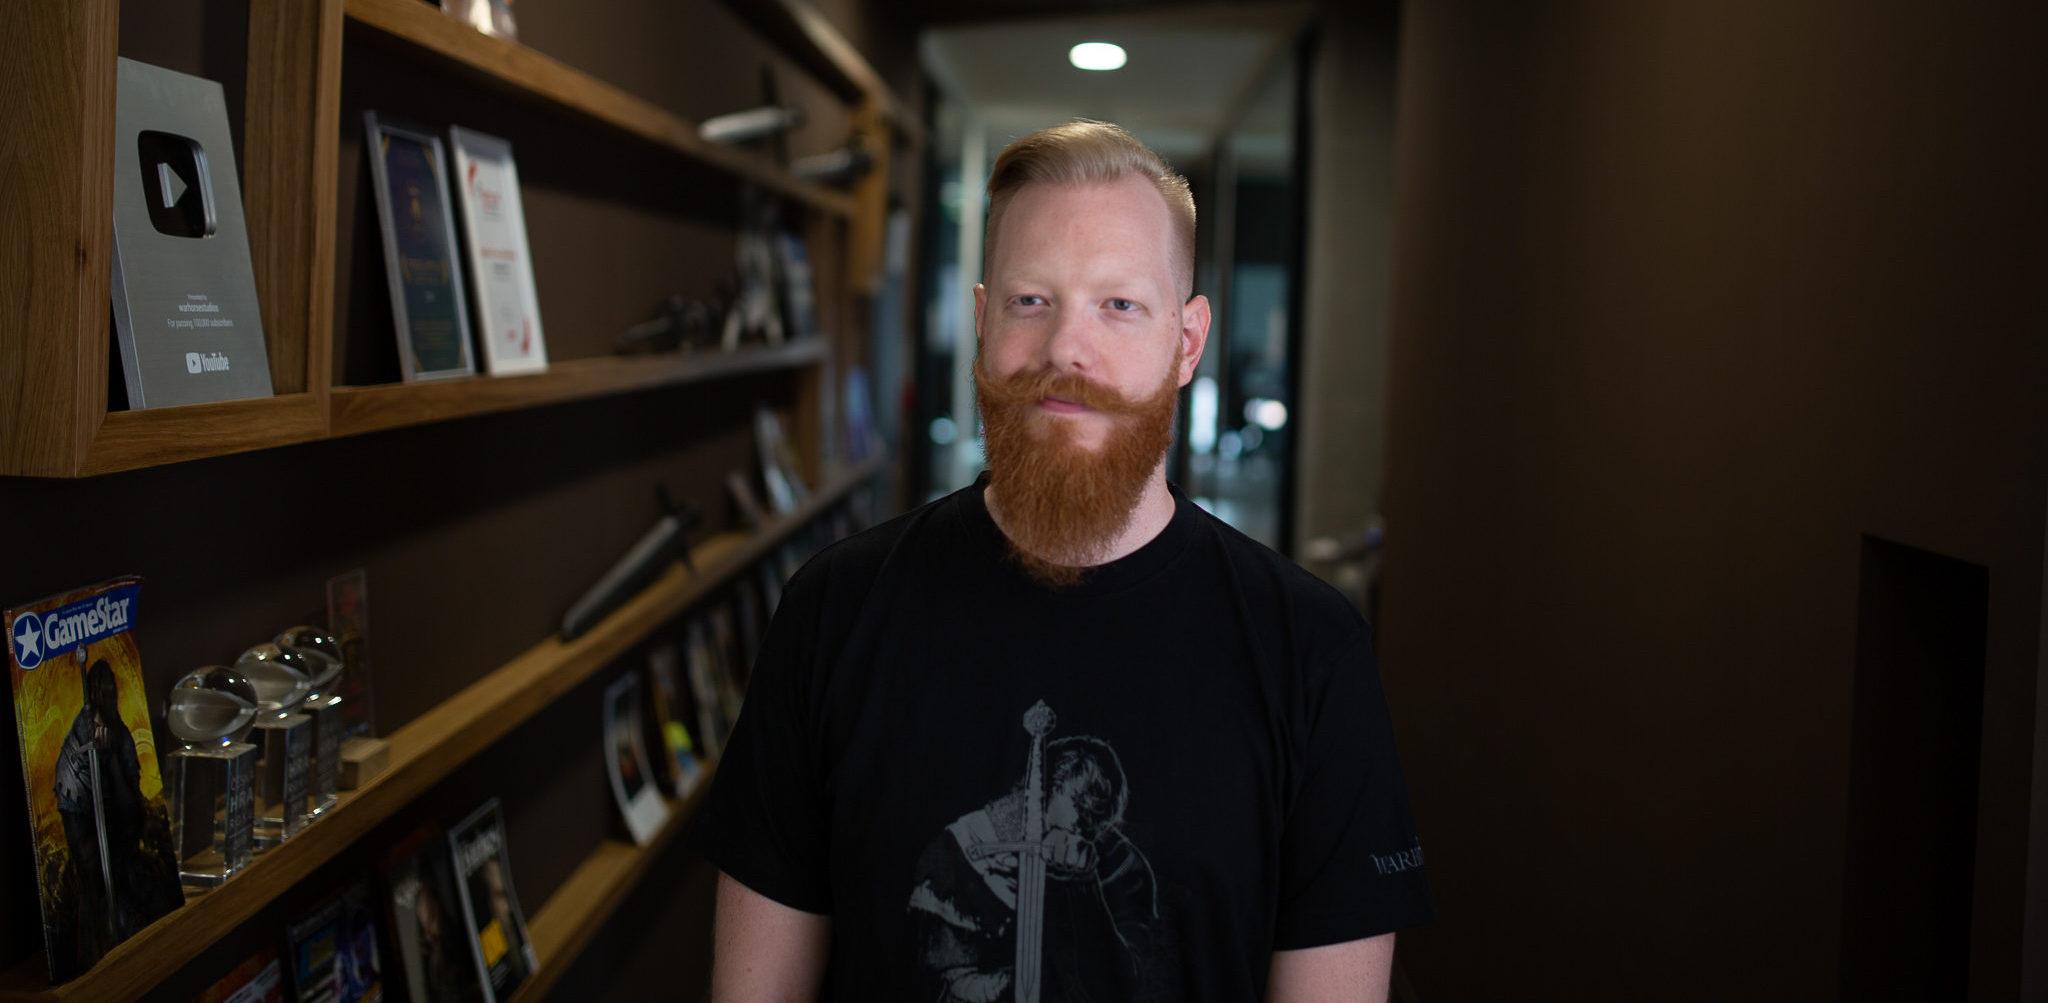 Tobias Stolz-Zwilling, PR-менеджер в Warhorse Studios об игре Kingdom Come: Deliverance в преддверии второй годовщины